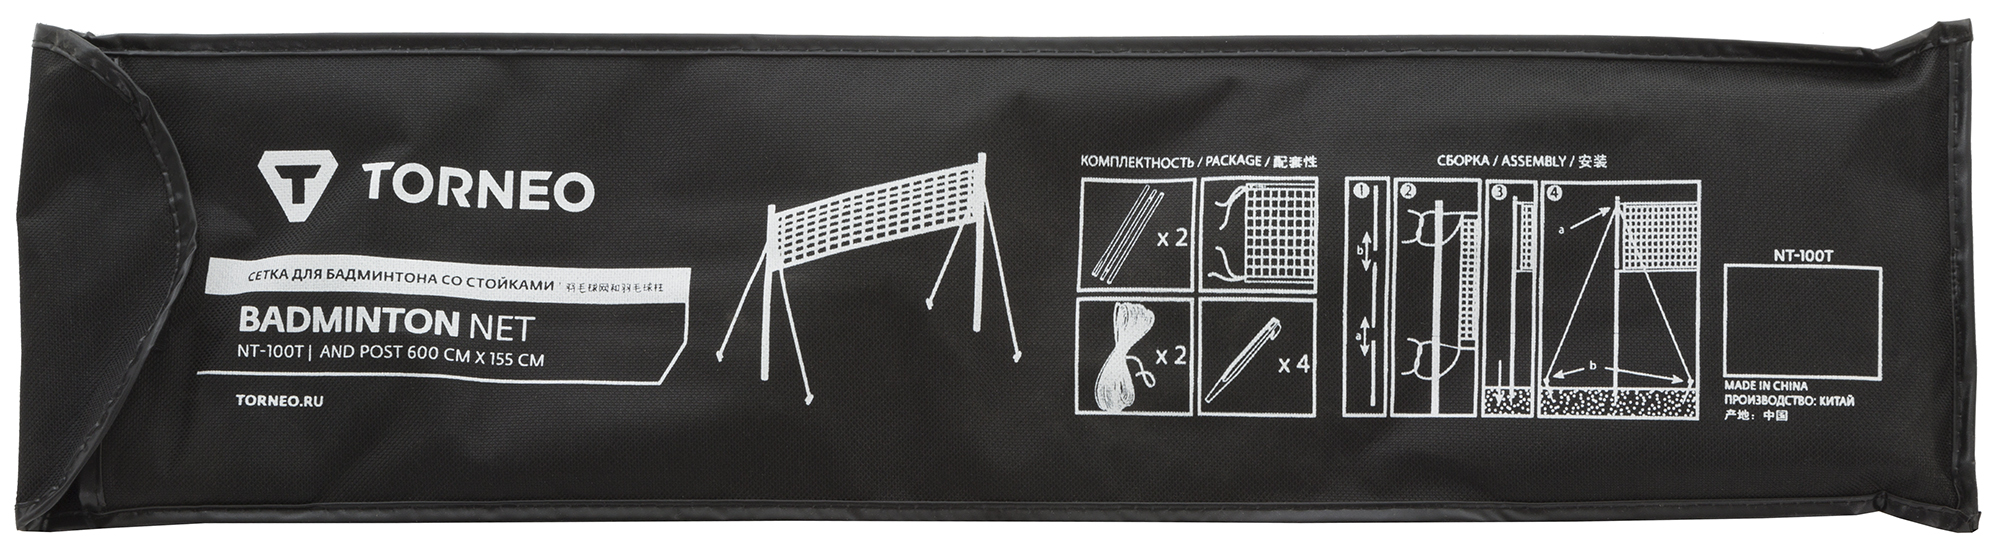 Torneo Сетка со стойками для бадминтона Torneo